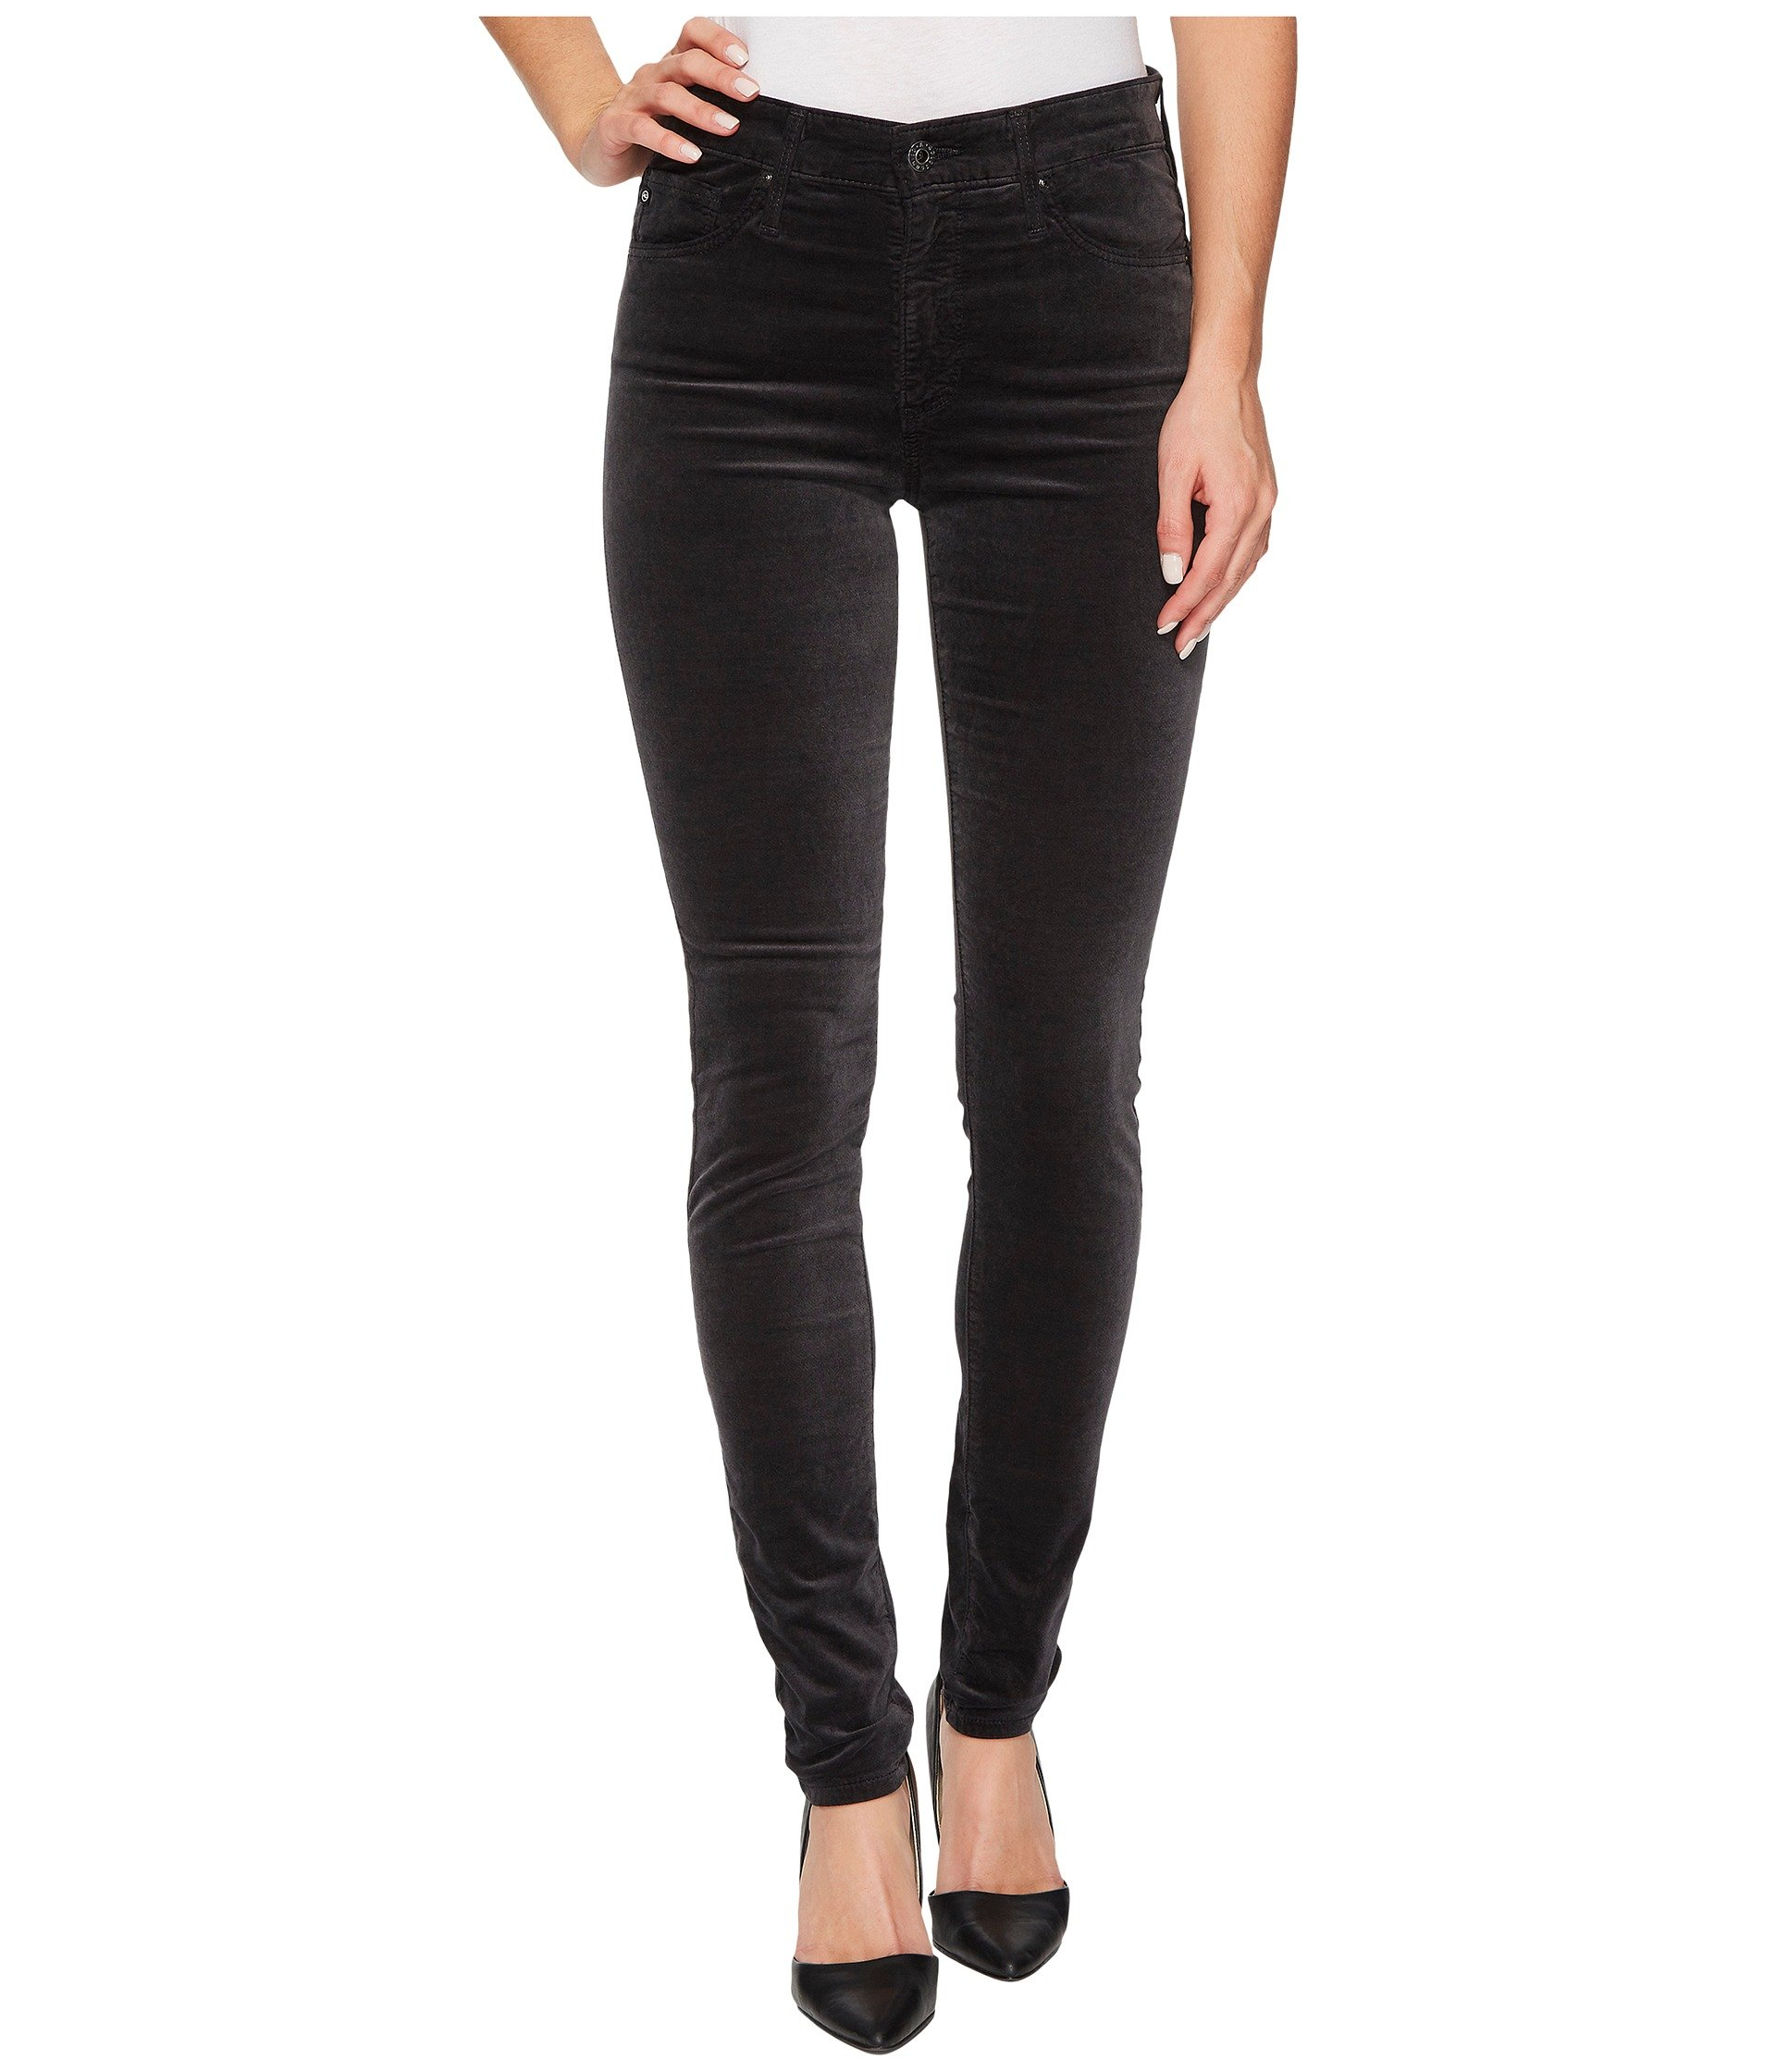 'Prima' Mid Rise Cigarette Jeans (Super Black) in Rich Mercury